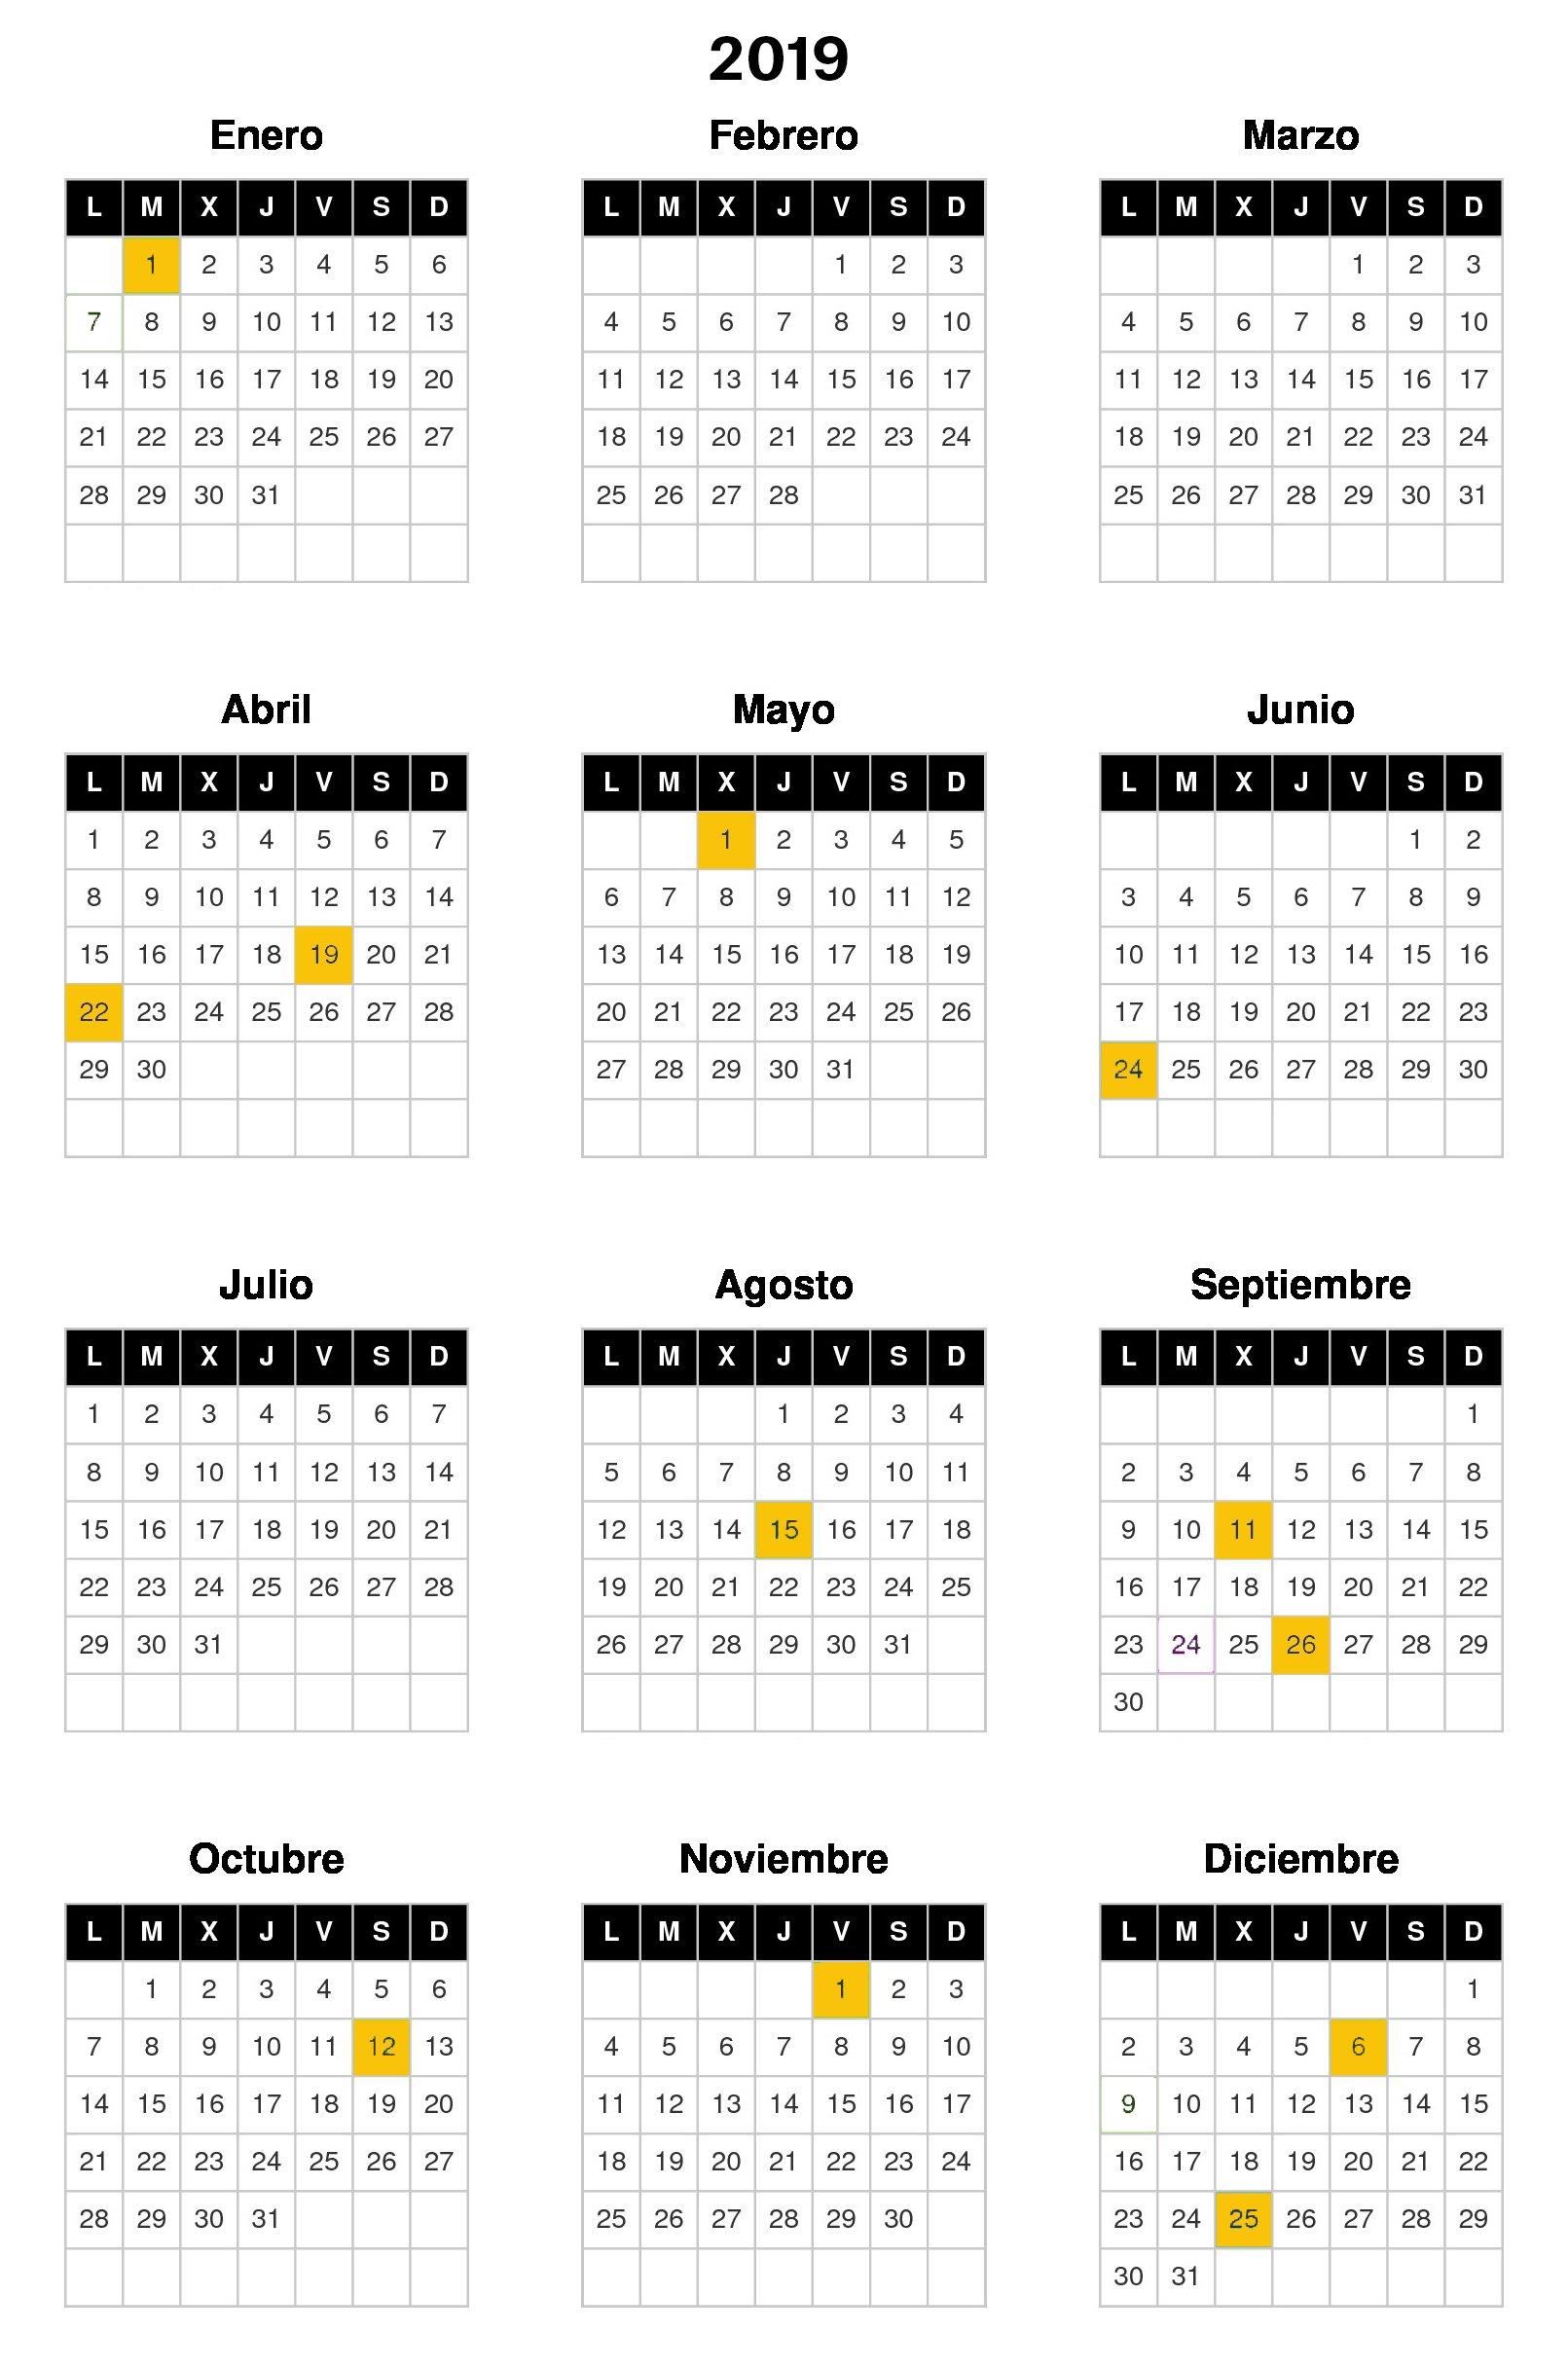 Calendario Laboral Cataluna 2019.El Consejo Laboral Aprueba El Calendario Laboral Del 2019